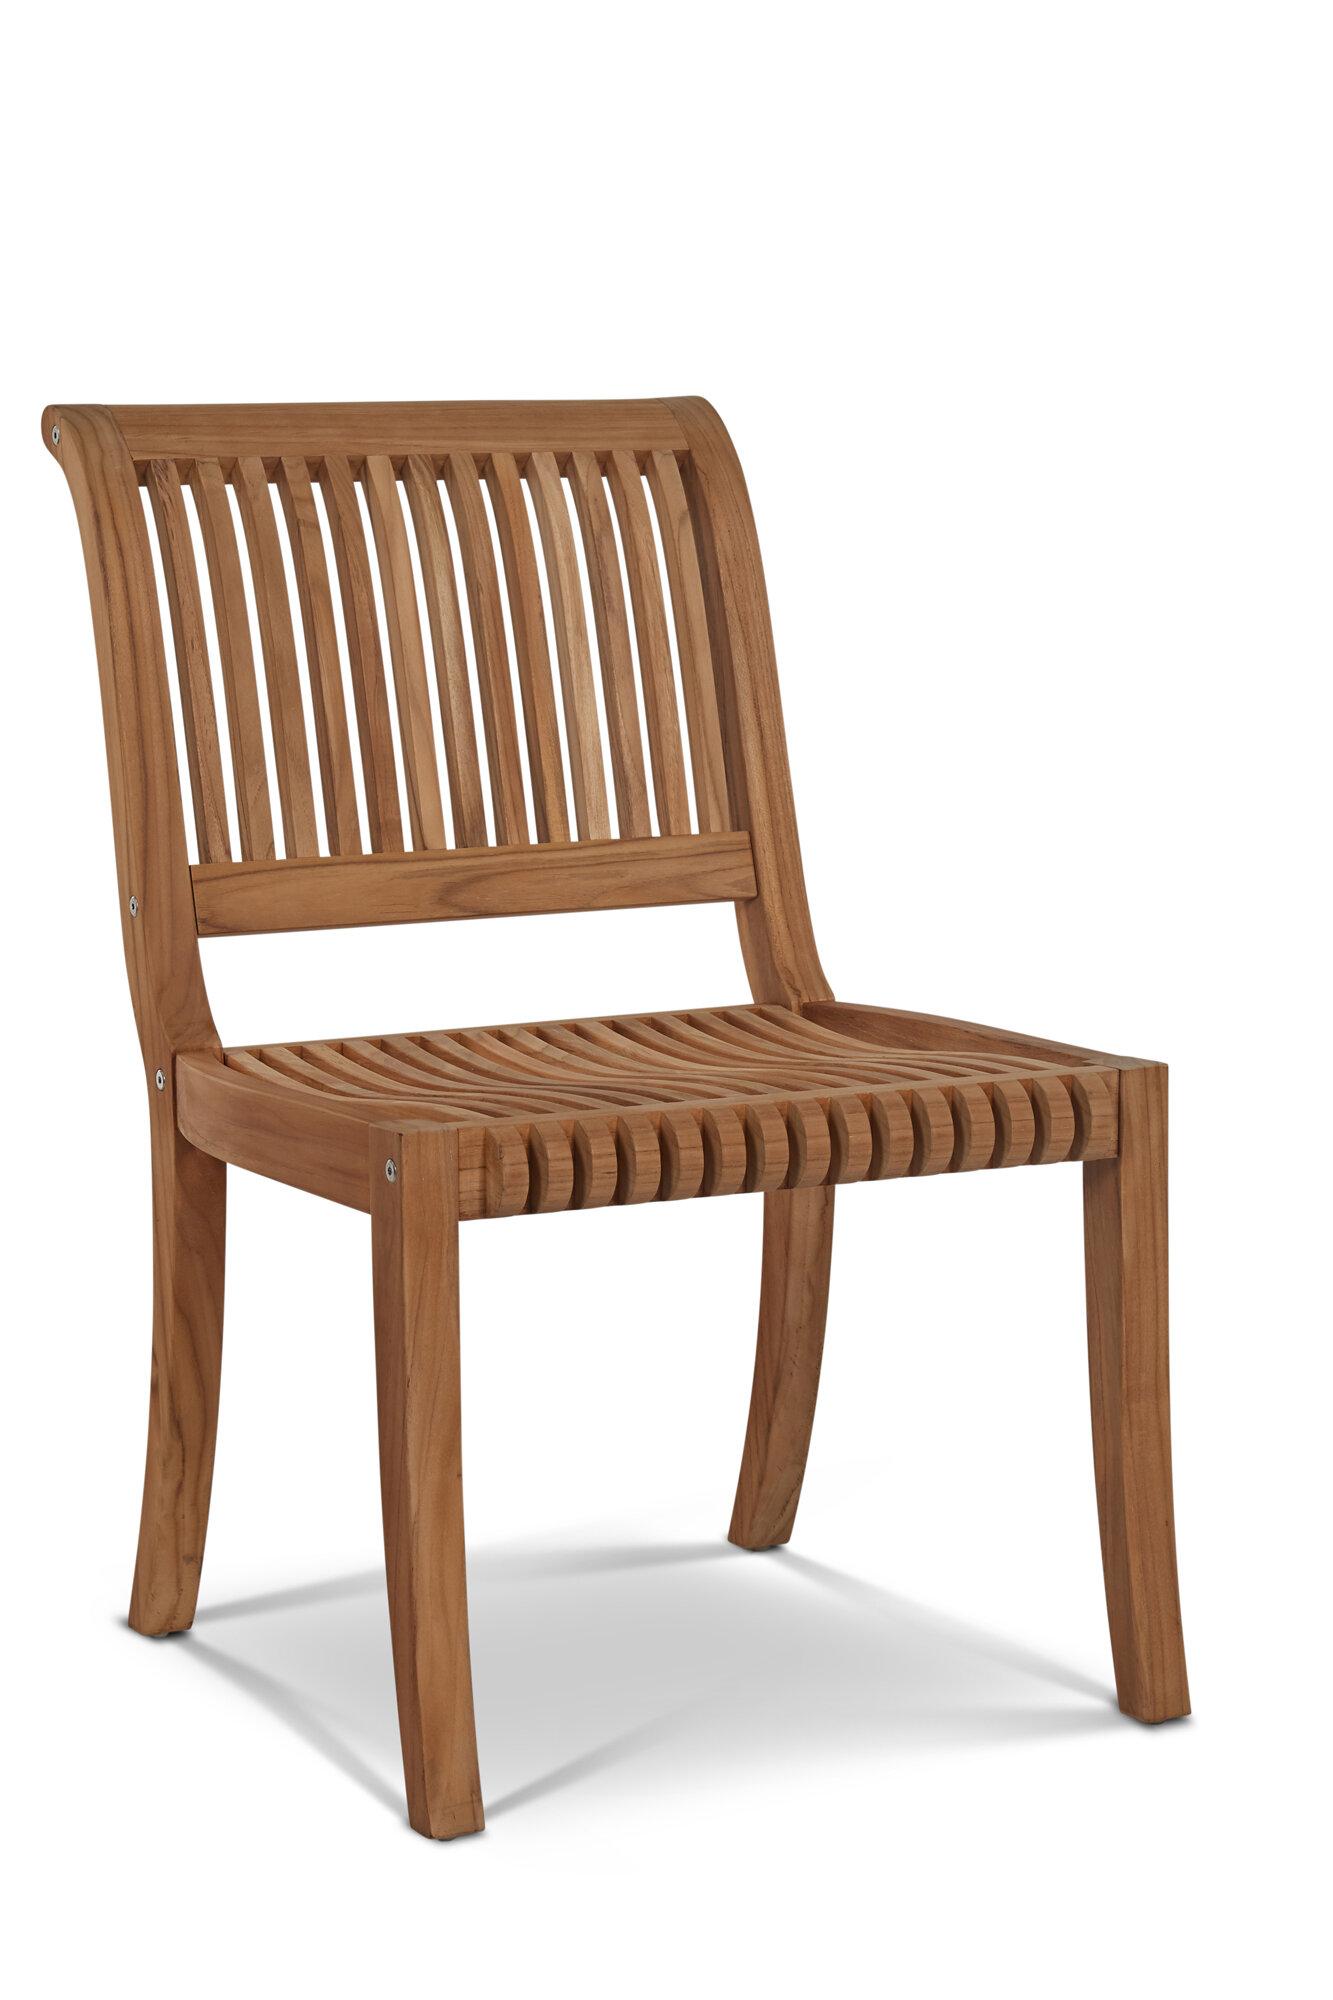 HiTeak Furniture | Wayfair